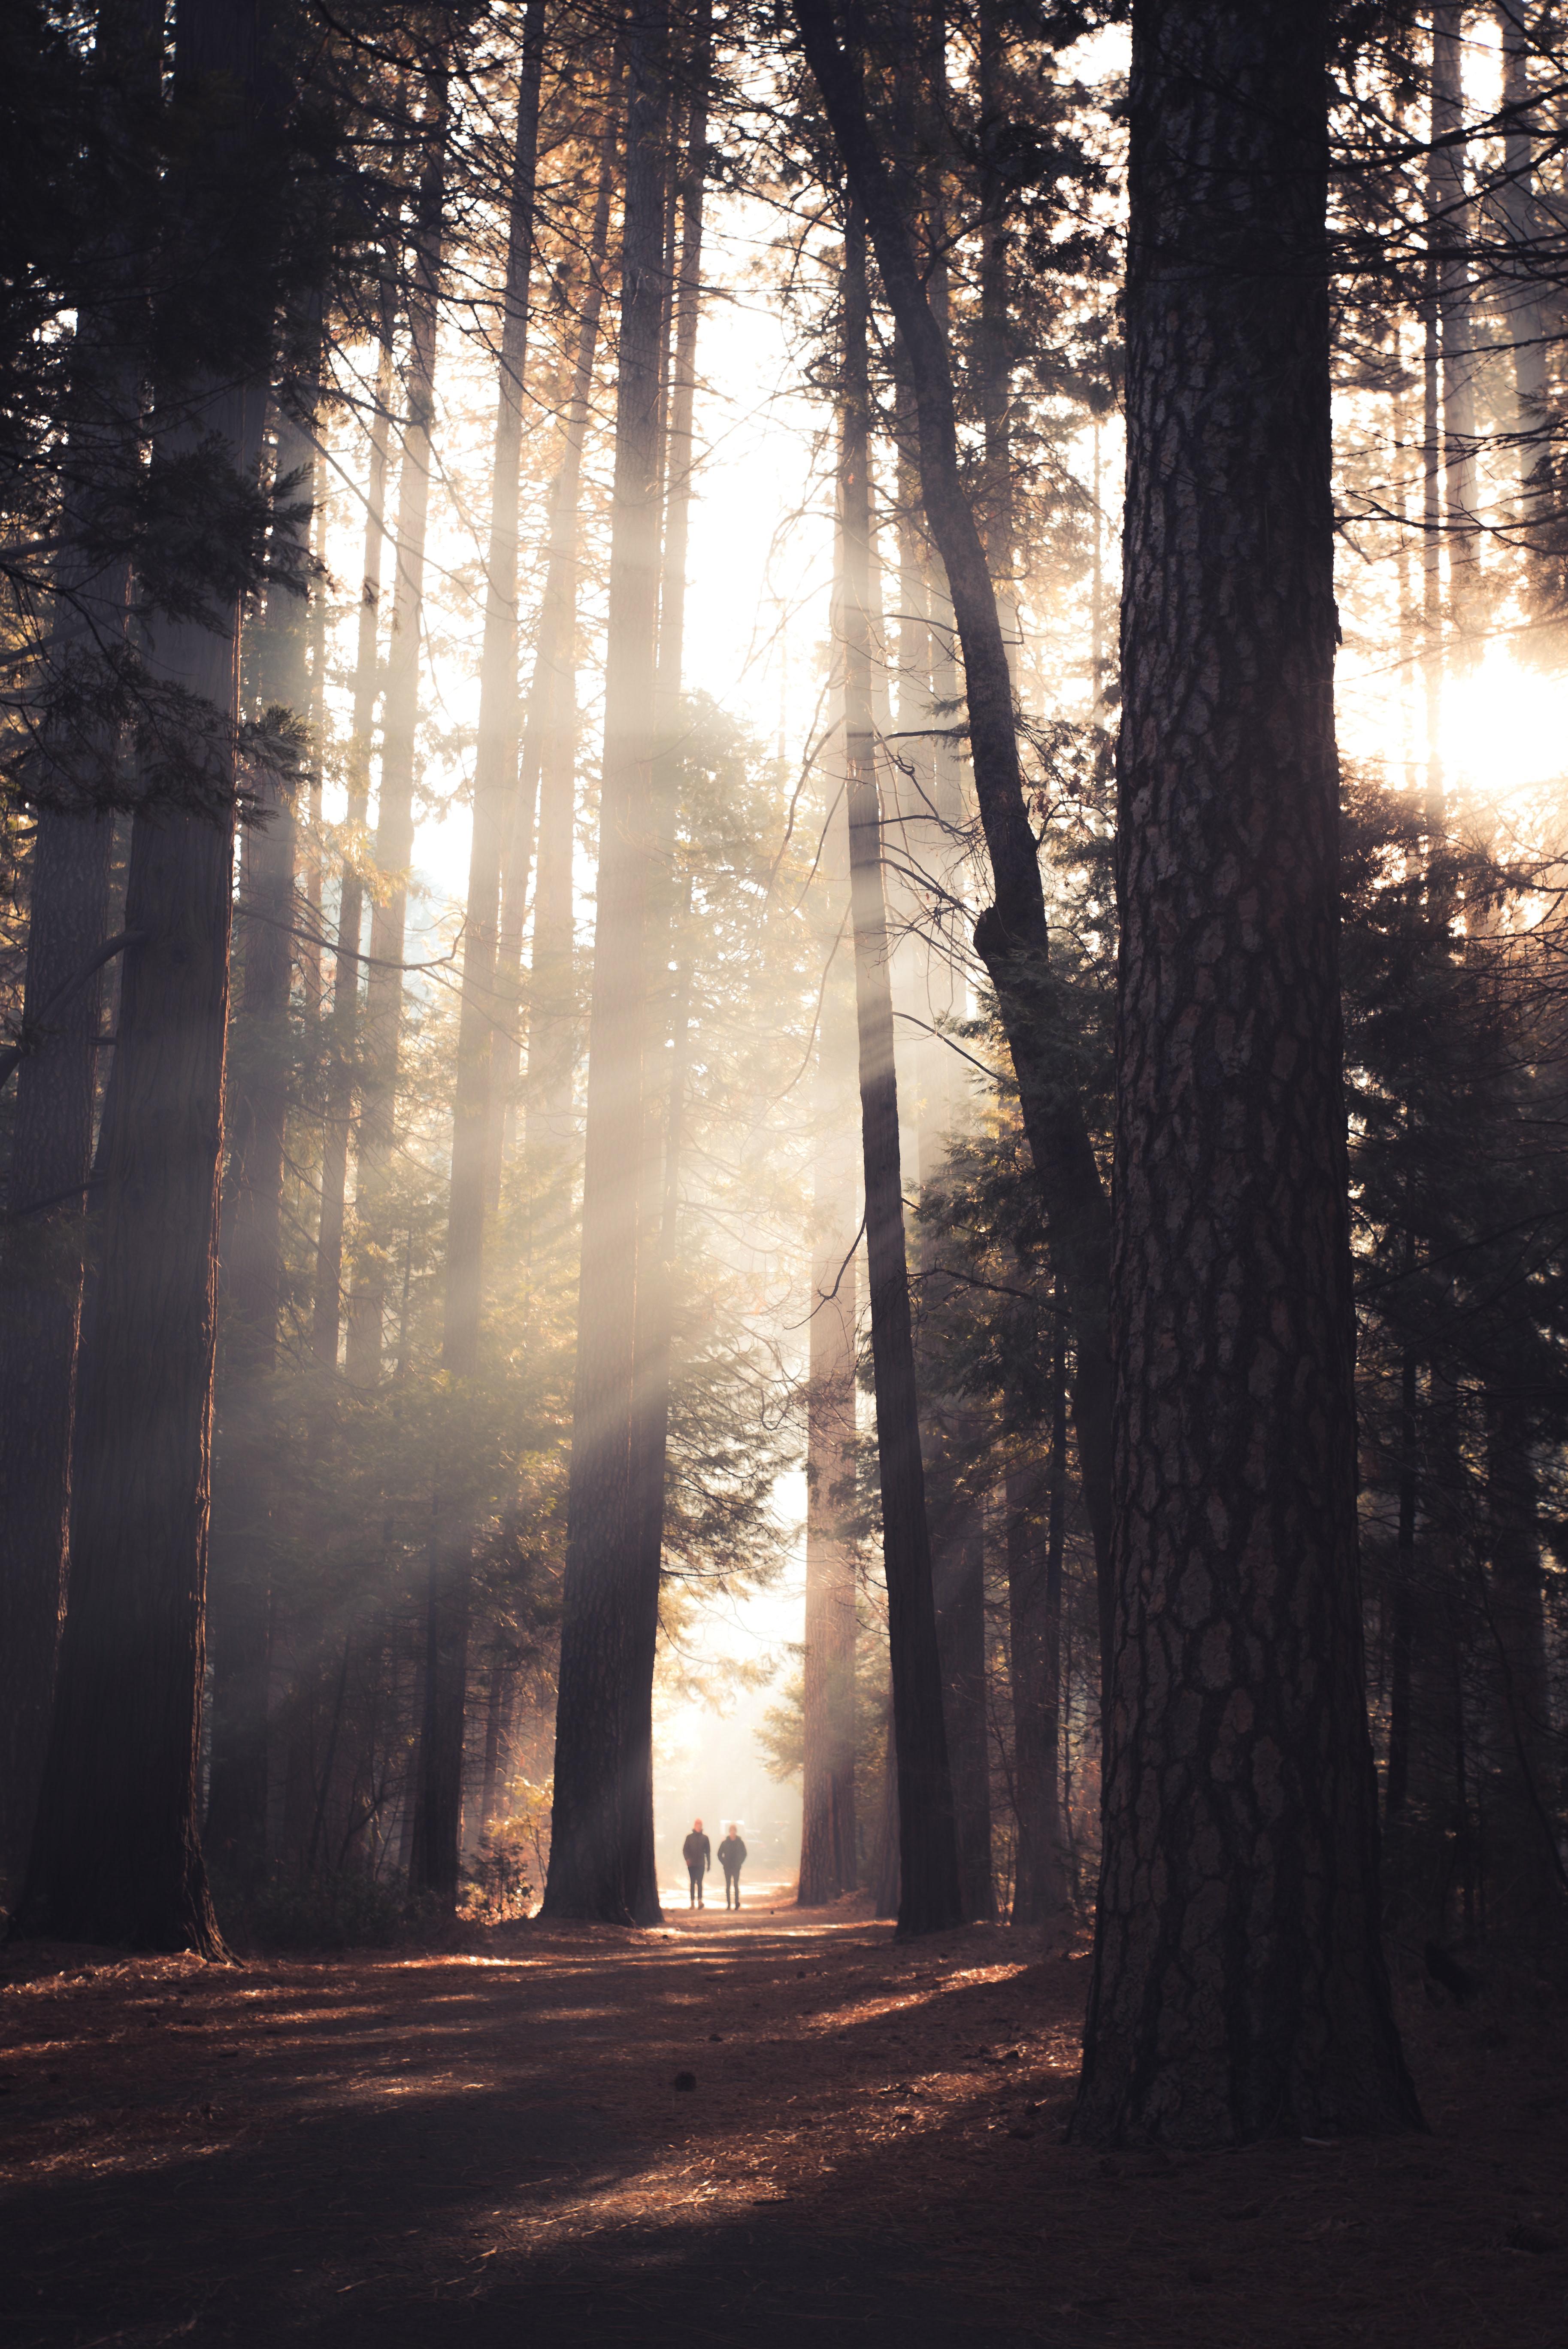 Forest Meditation Day ( Shirin - Yoko)